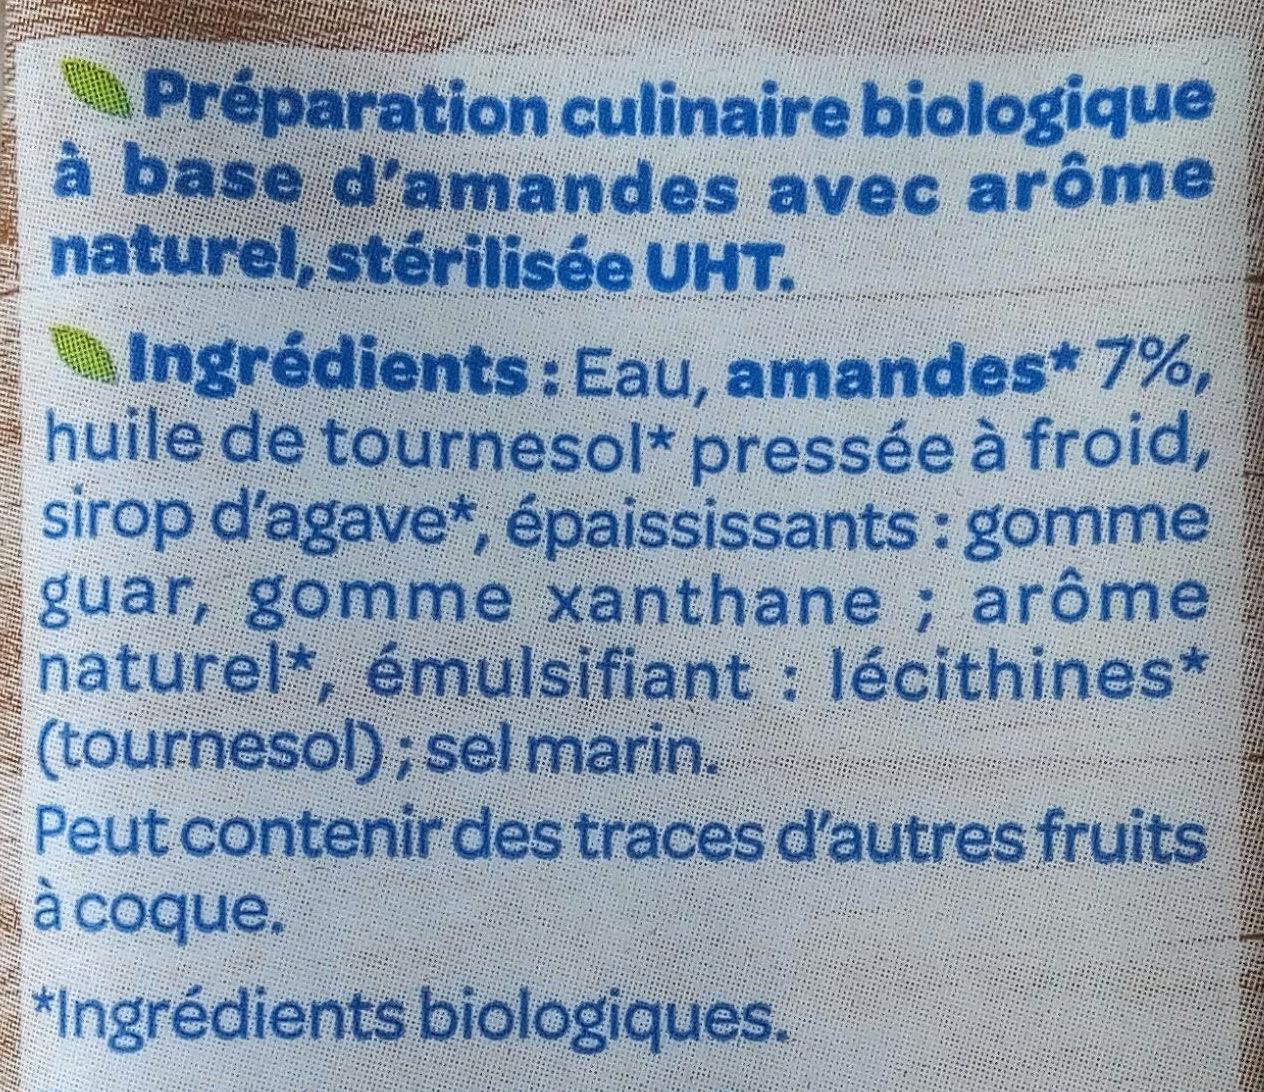 Amande cuisine - Ingredienti - fr